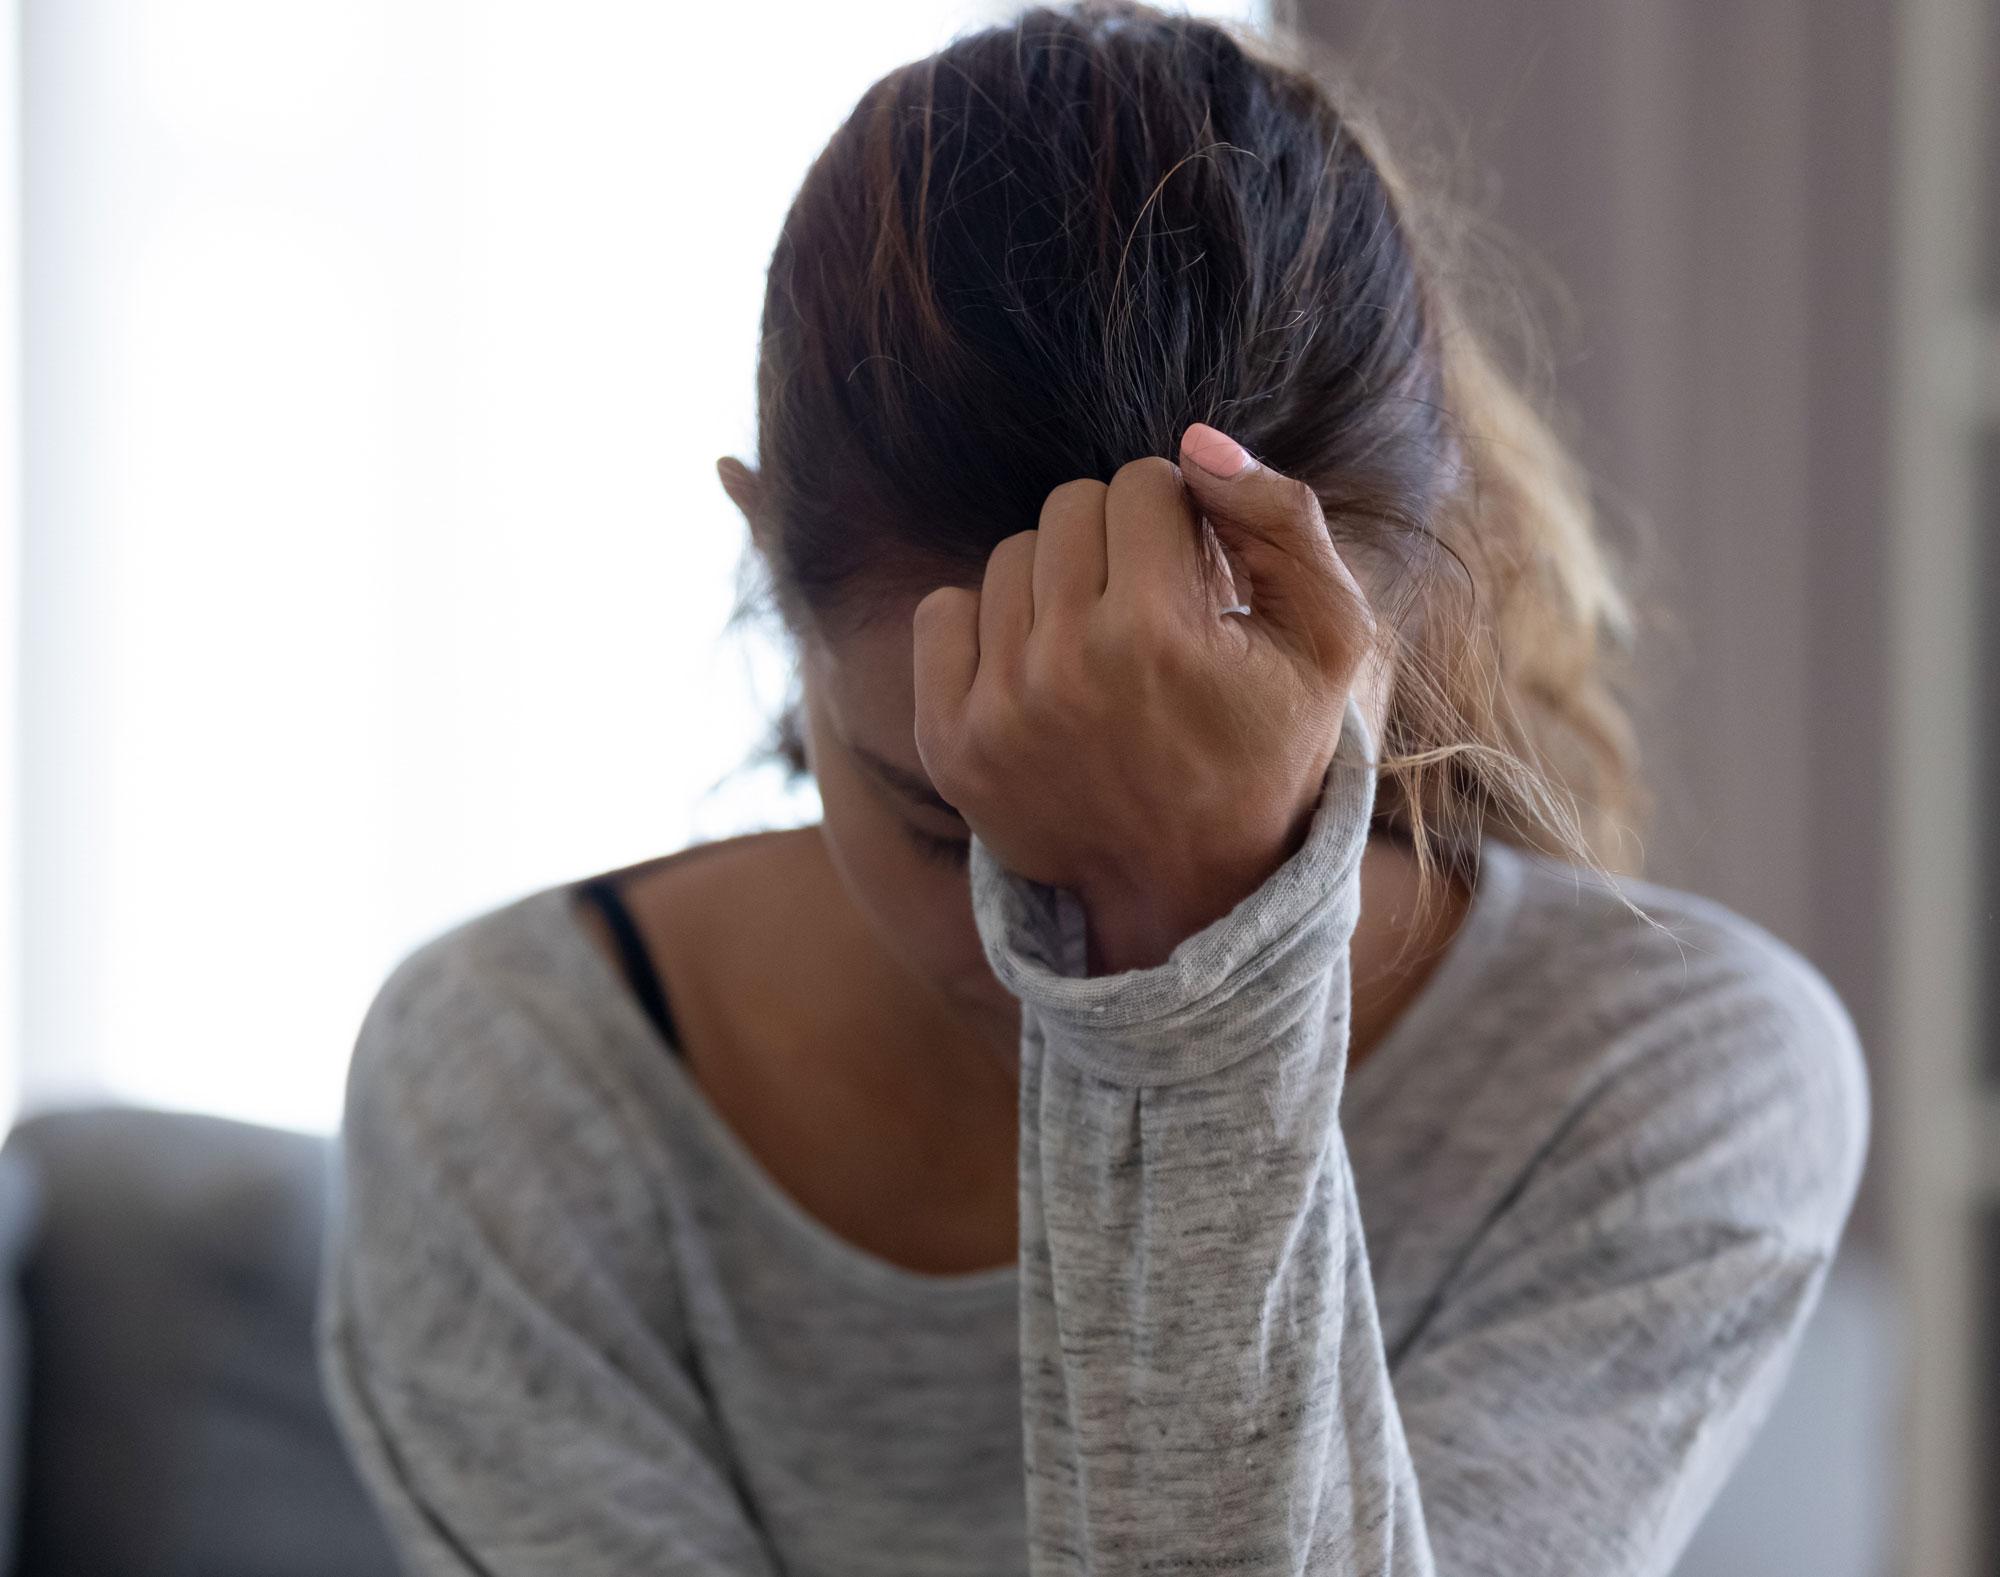 Apotheker helfen bei häuslicher Gewalt